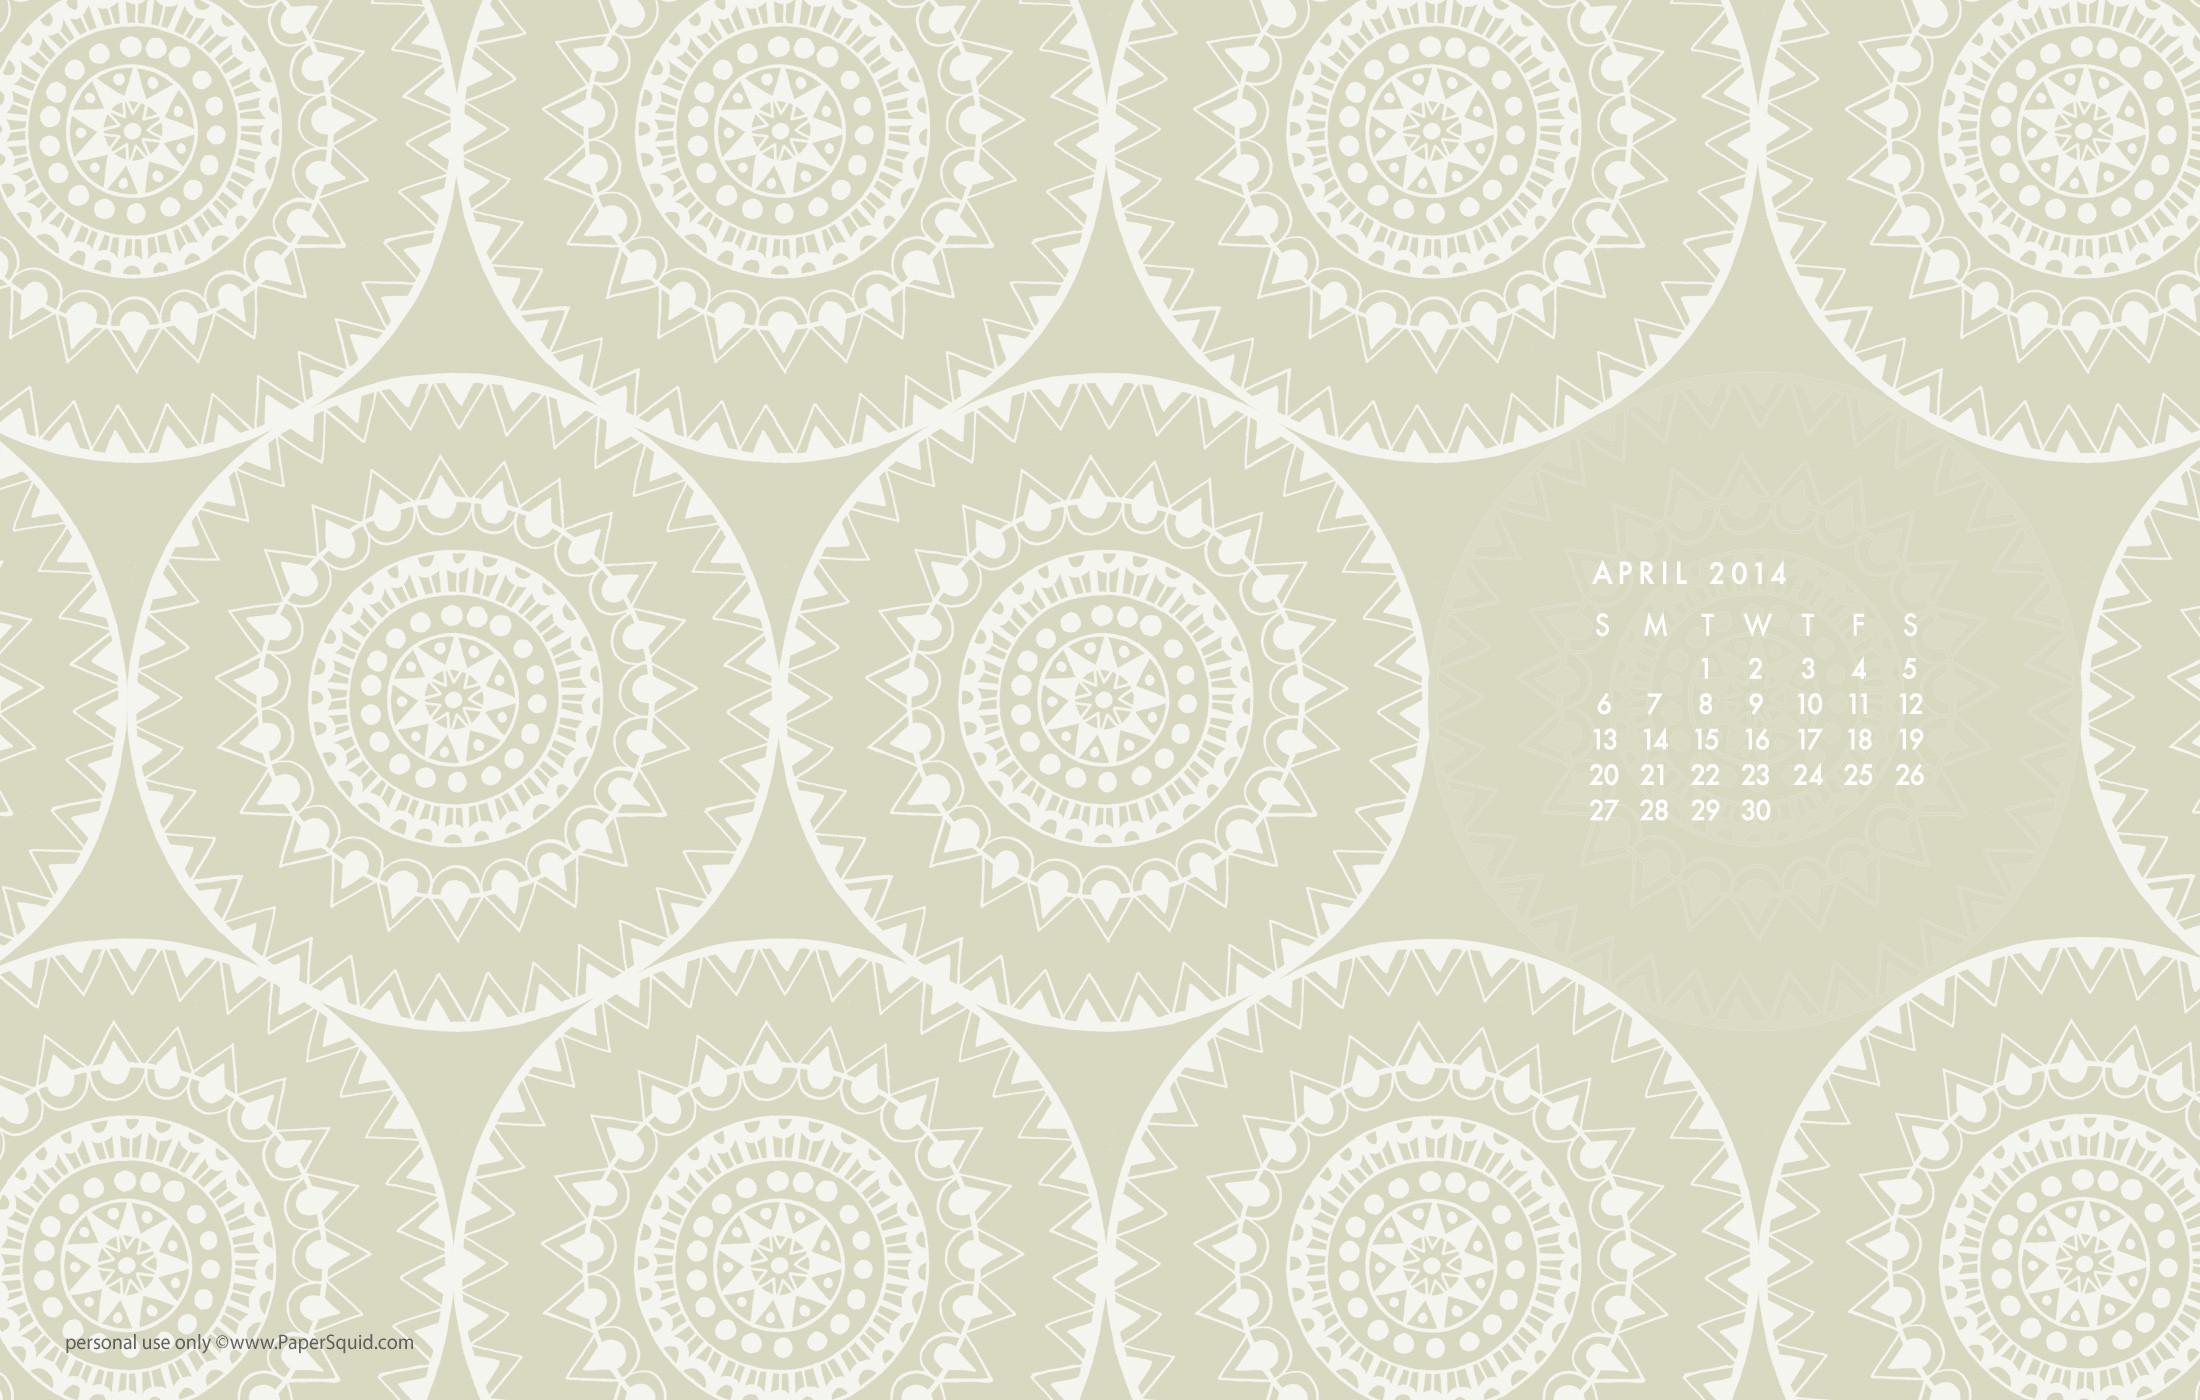 Download the mandala wallpaper, calendar version here